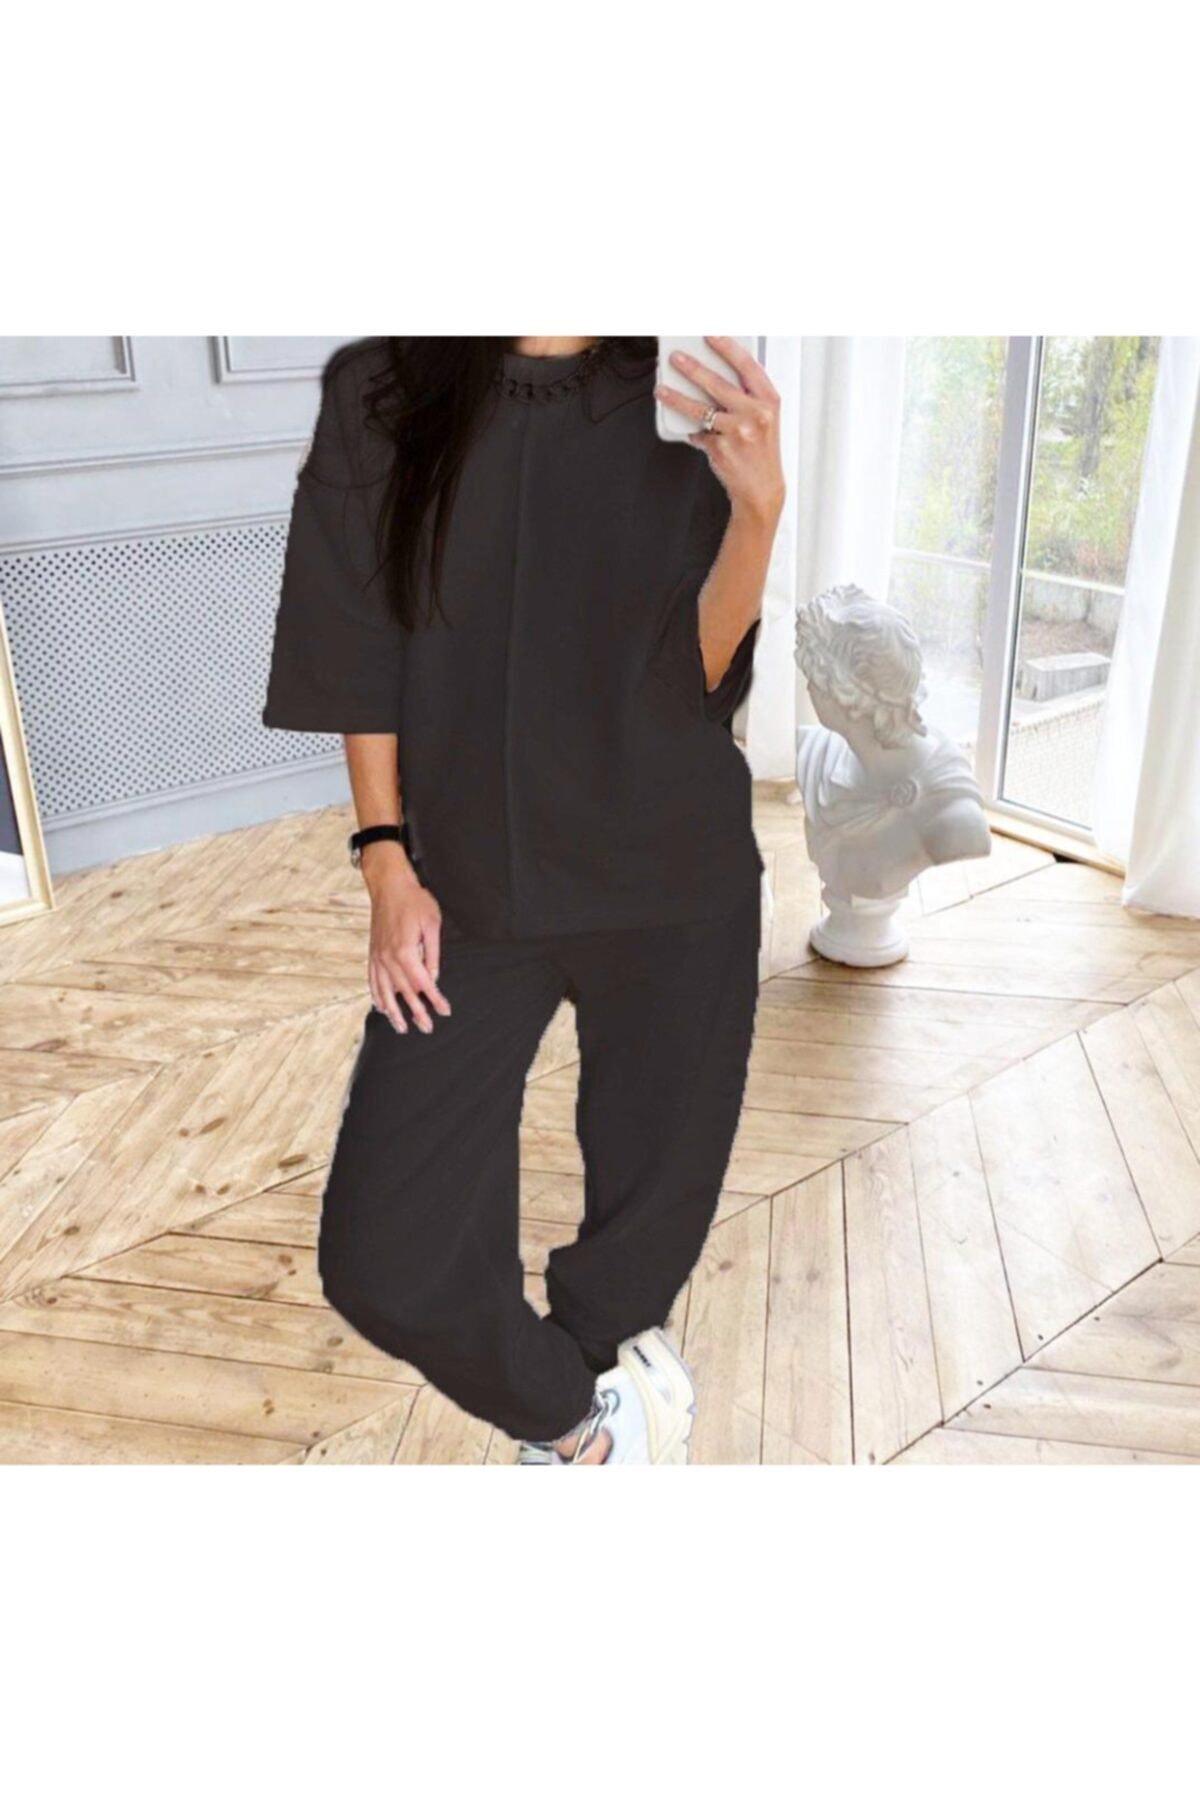 TREND Kadın Siyah Renk Rengi Örme Alt Üst Eşofman Takımı Pantolon 1